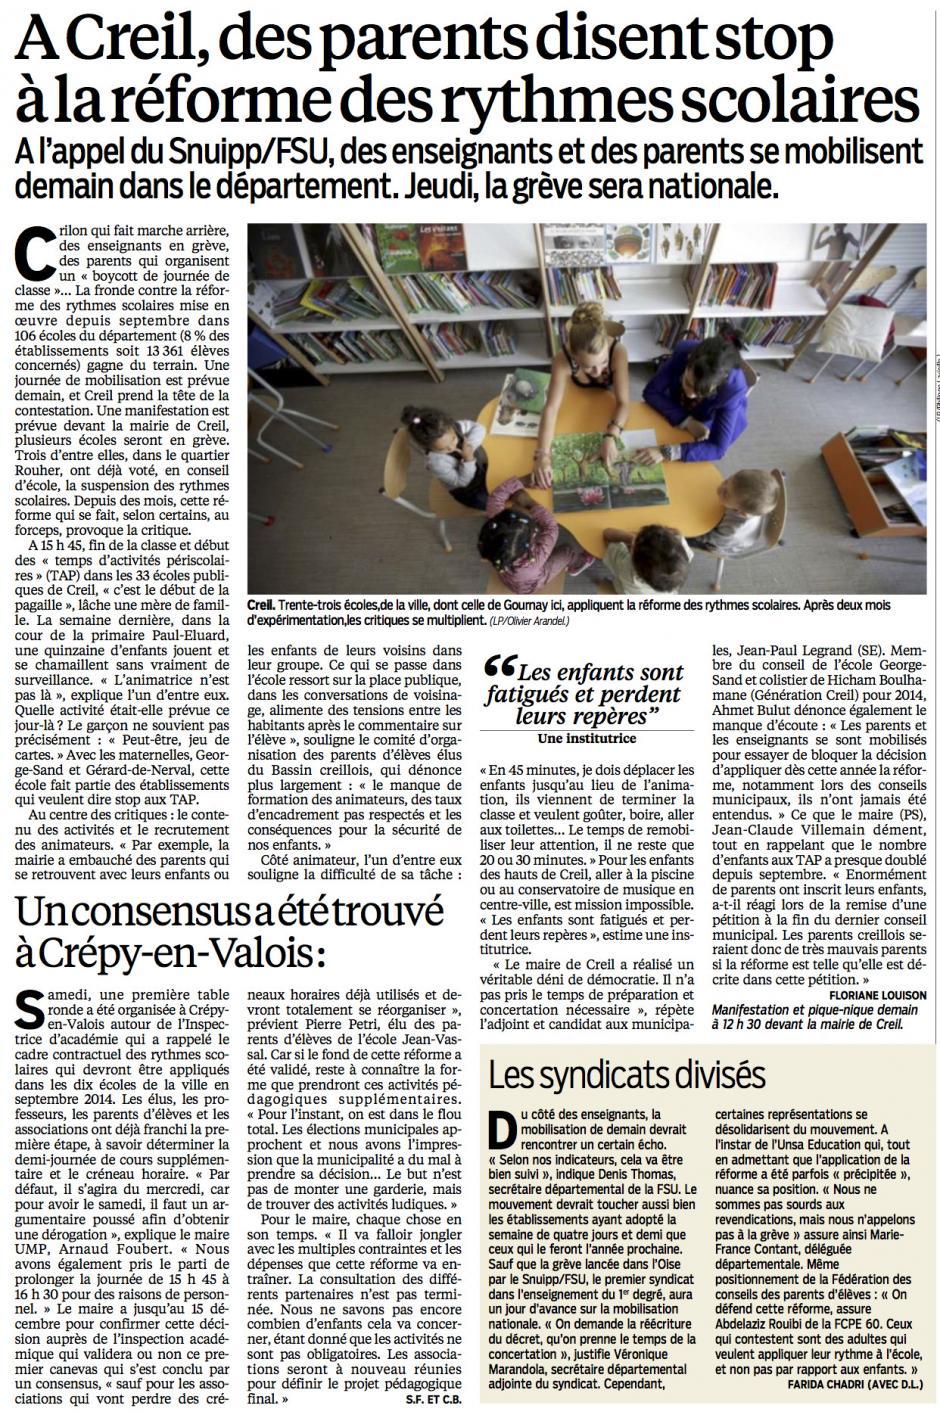 20131112-LeP-Creil-Des parents disent stop à la réforme des rythmes scolaires-Un consensus a été trouvé à Crépy-en-Valois-Les syndicats divisés